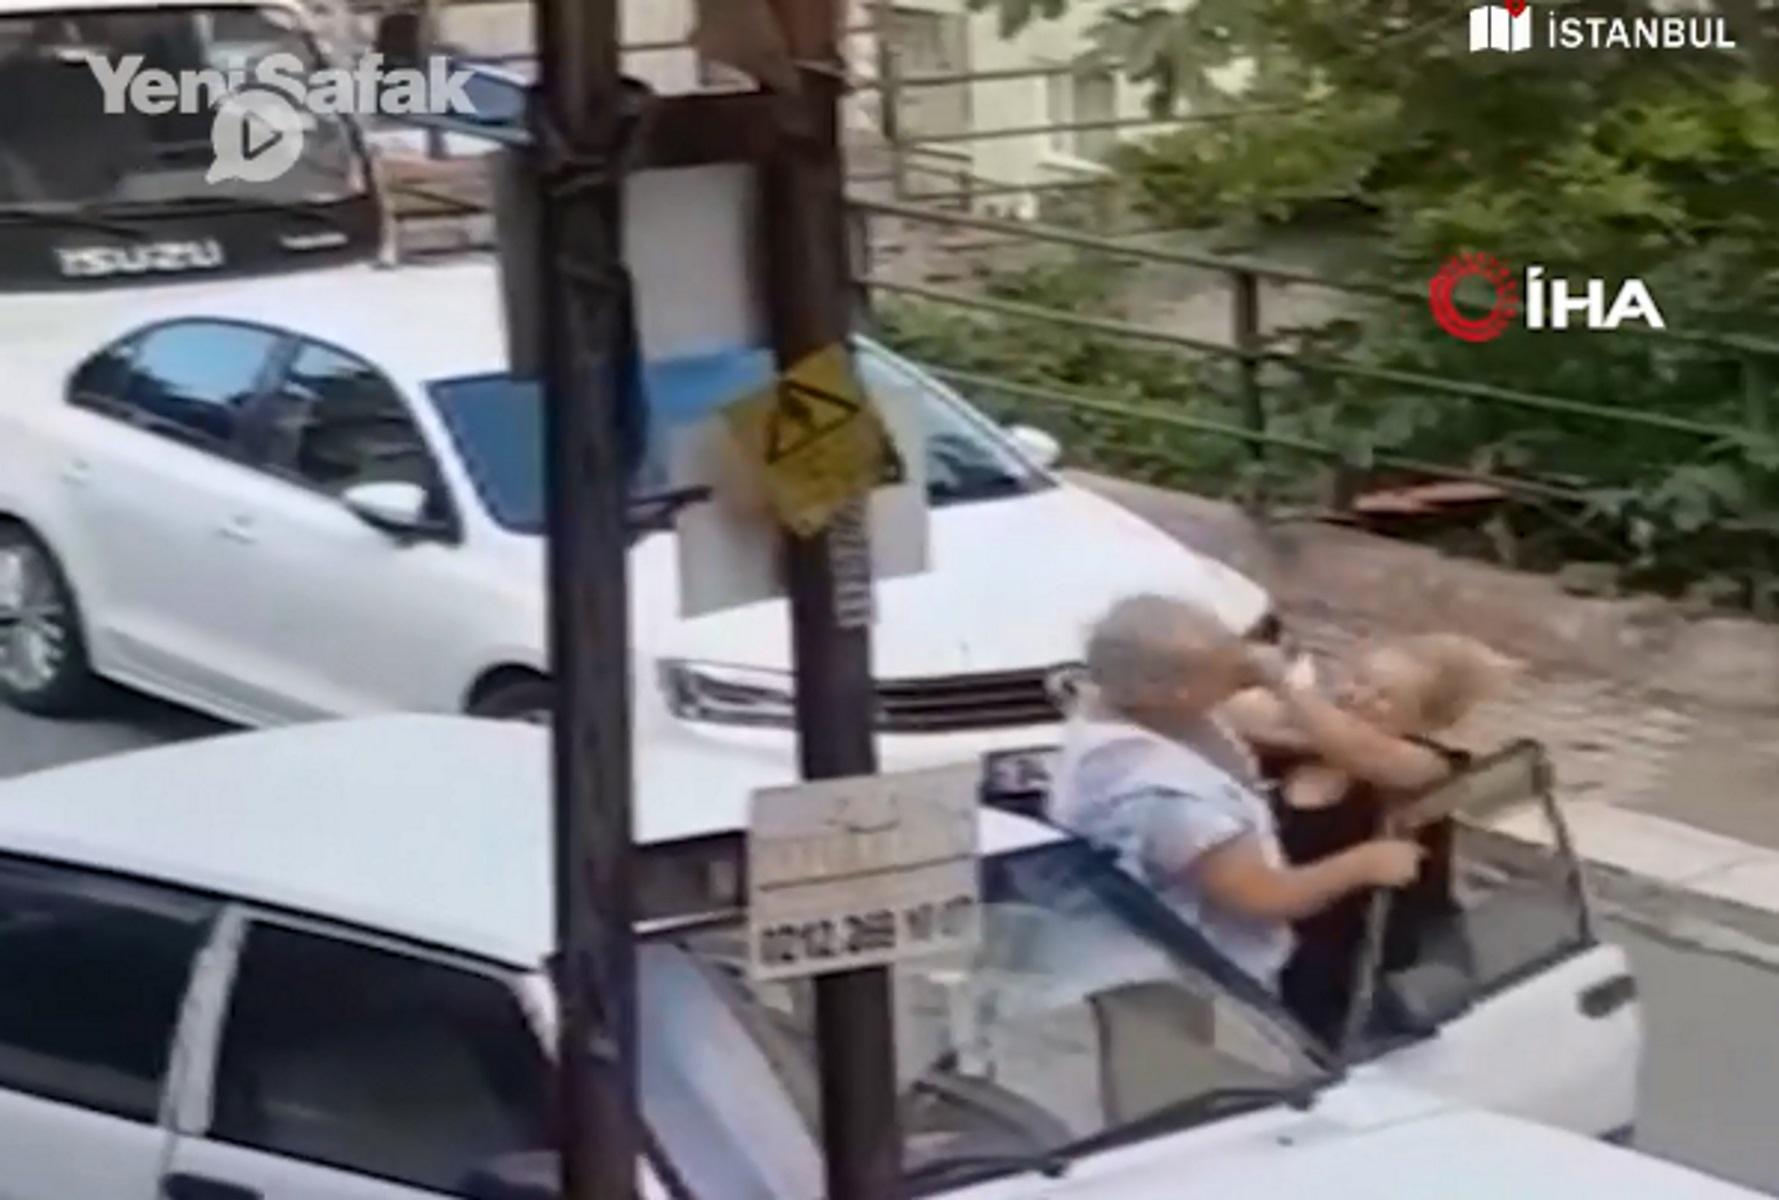 Άγριο ξύλο στην Κωνσταντινούπολη: Την χαστούκισε αλλά εκείνη ήξερε Τάε Κβον Ντο! Video